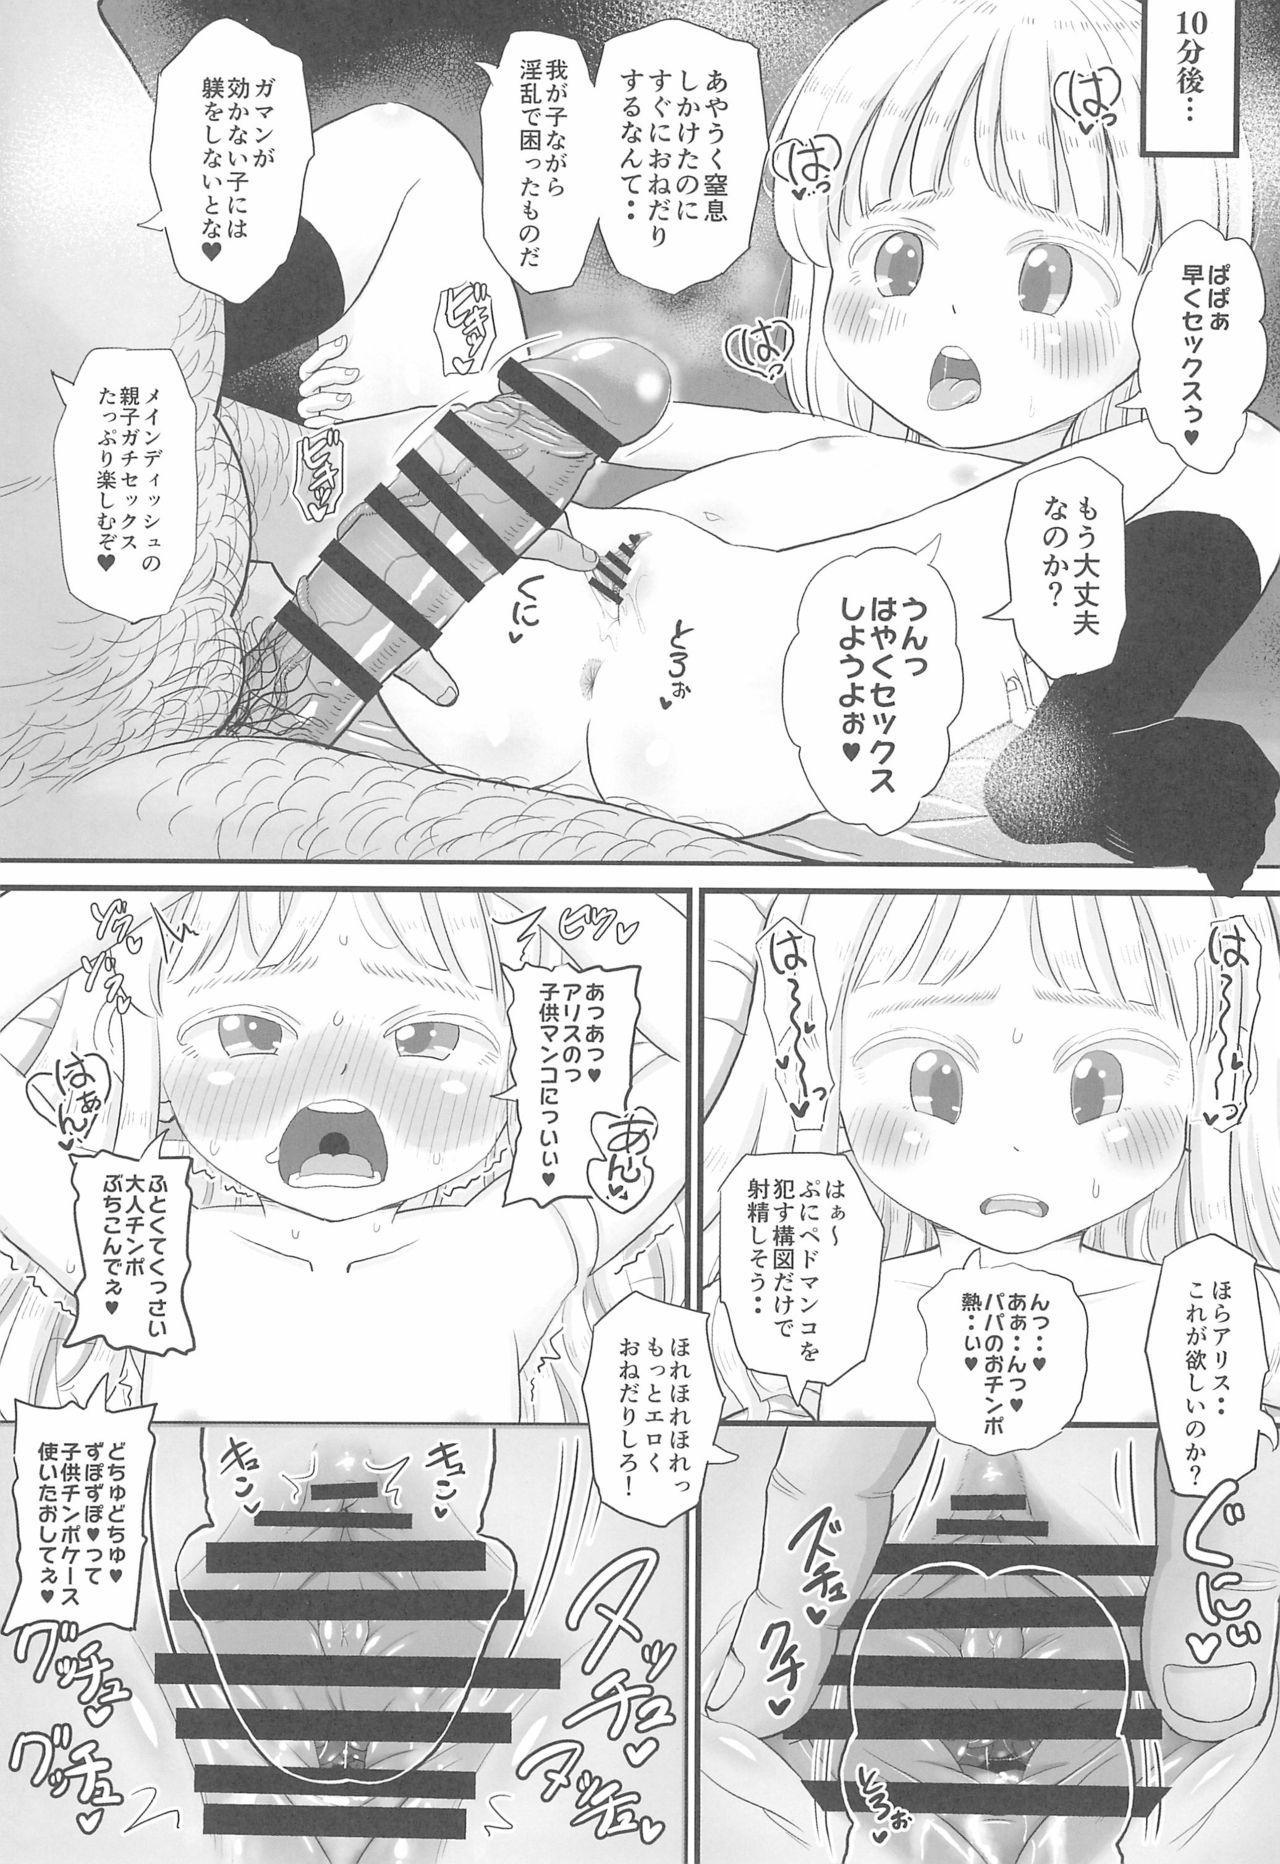 (C97) [botibotiikoka (takku)] Manamusume no Arisu-chan (8yo) ga Rippa na Chinpo-case ni Sodachimashita 15